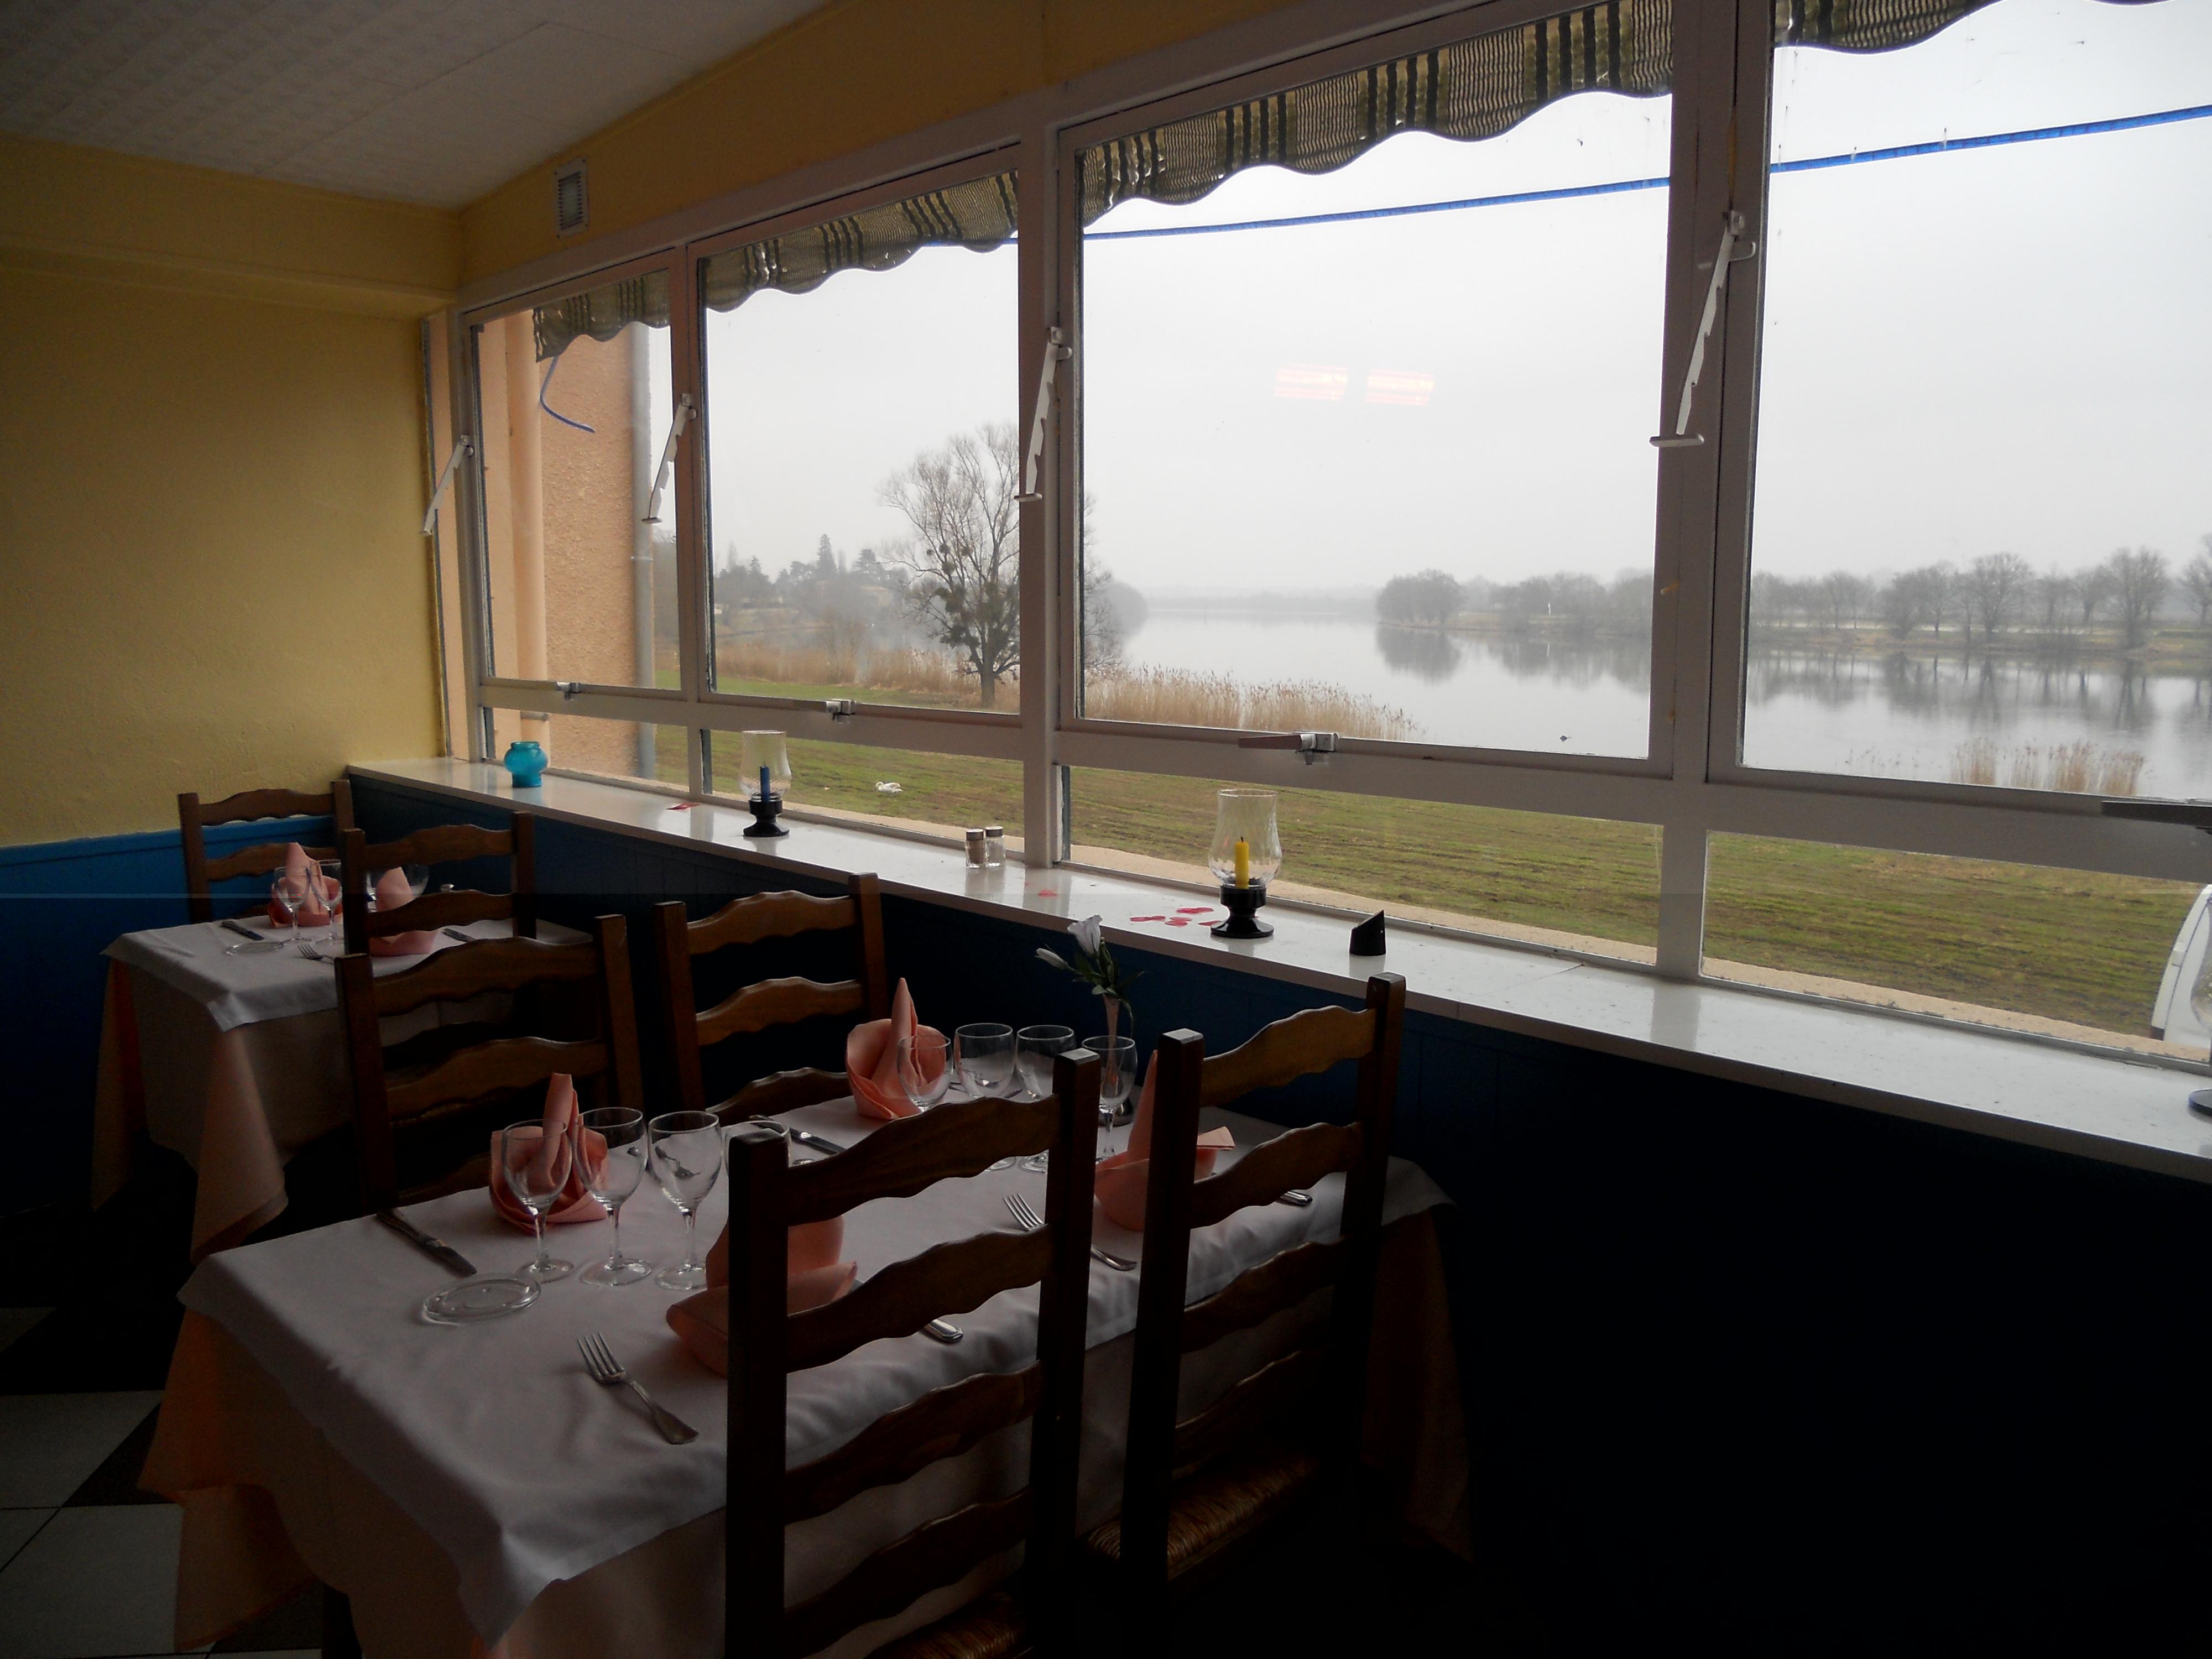 Restaurant La Brochette Saint georges de didonne